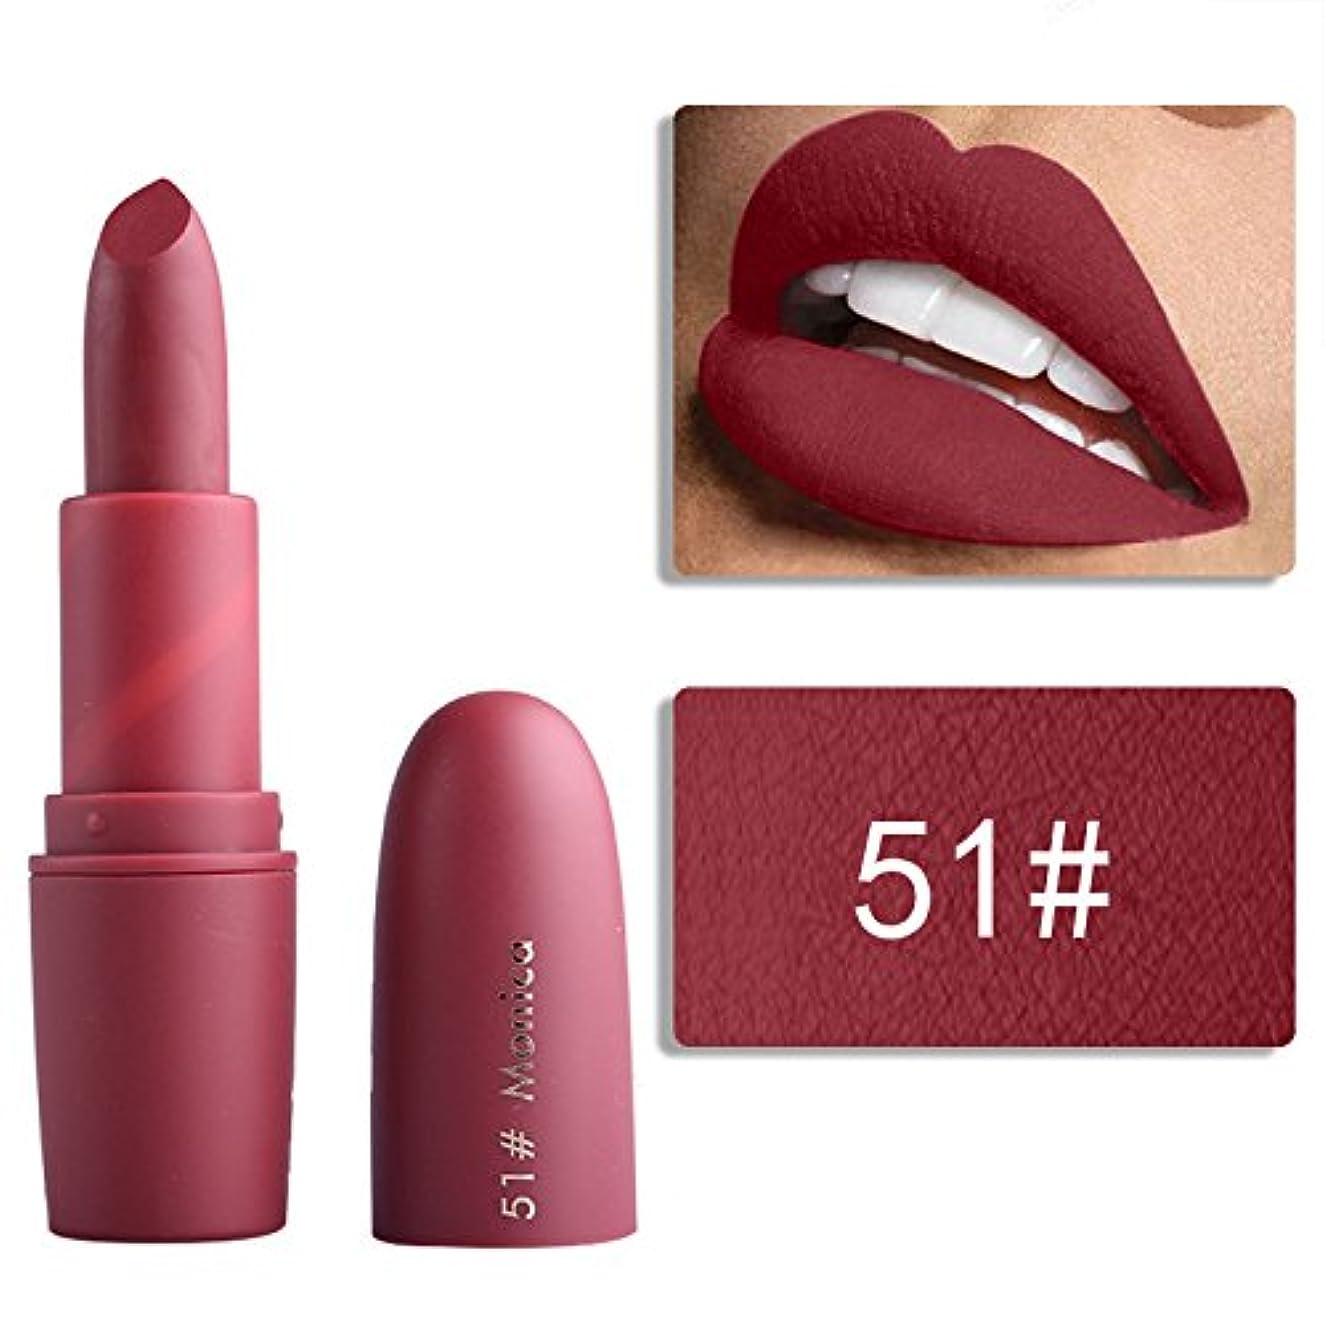 投票脇に編集するMiss Rose Nude Lipstick 22 colors Waterproof Vampire Brown Beauty Baby Lips Batom Matte lipstick Makeup Tats Eugenie Margherita